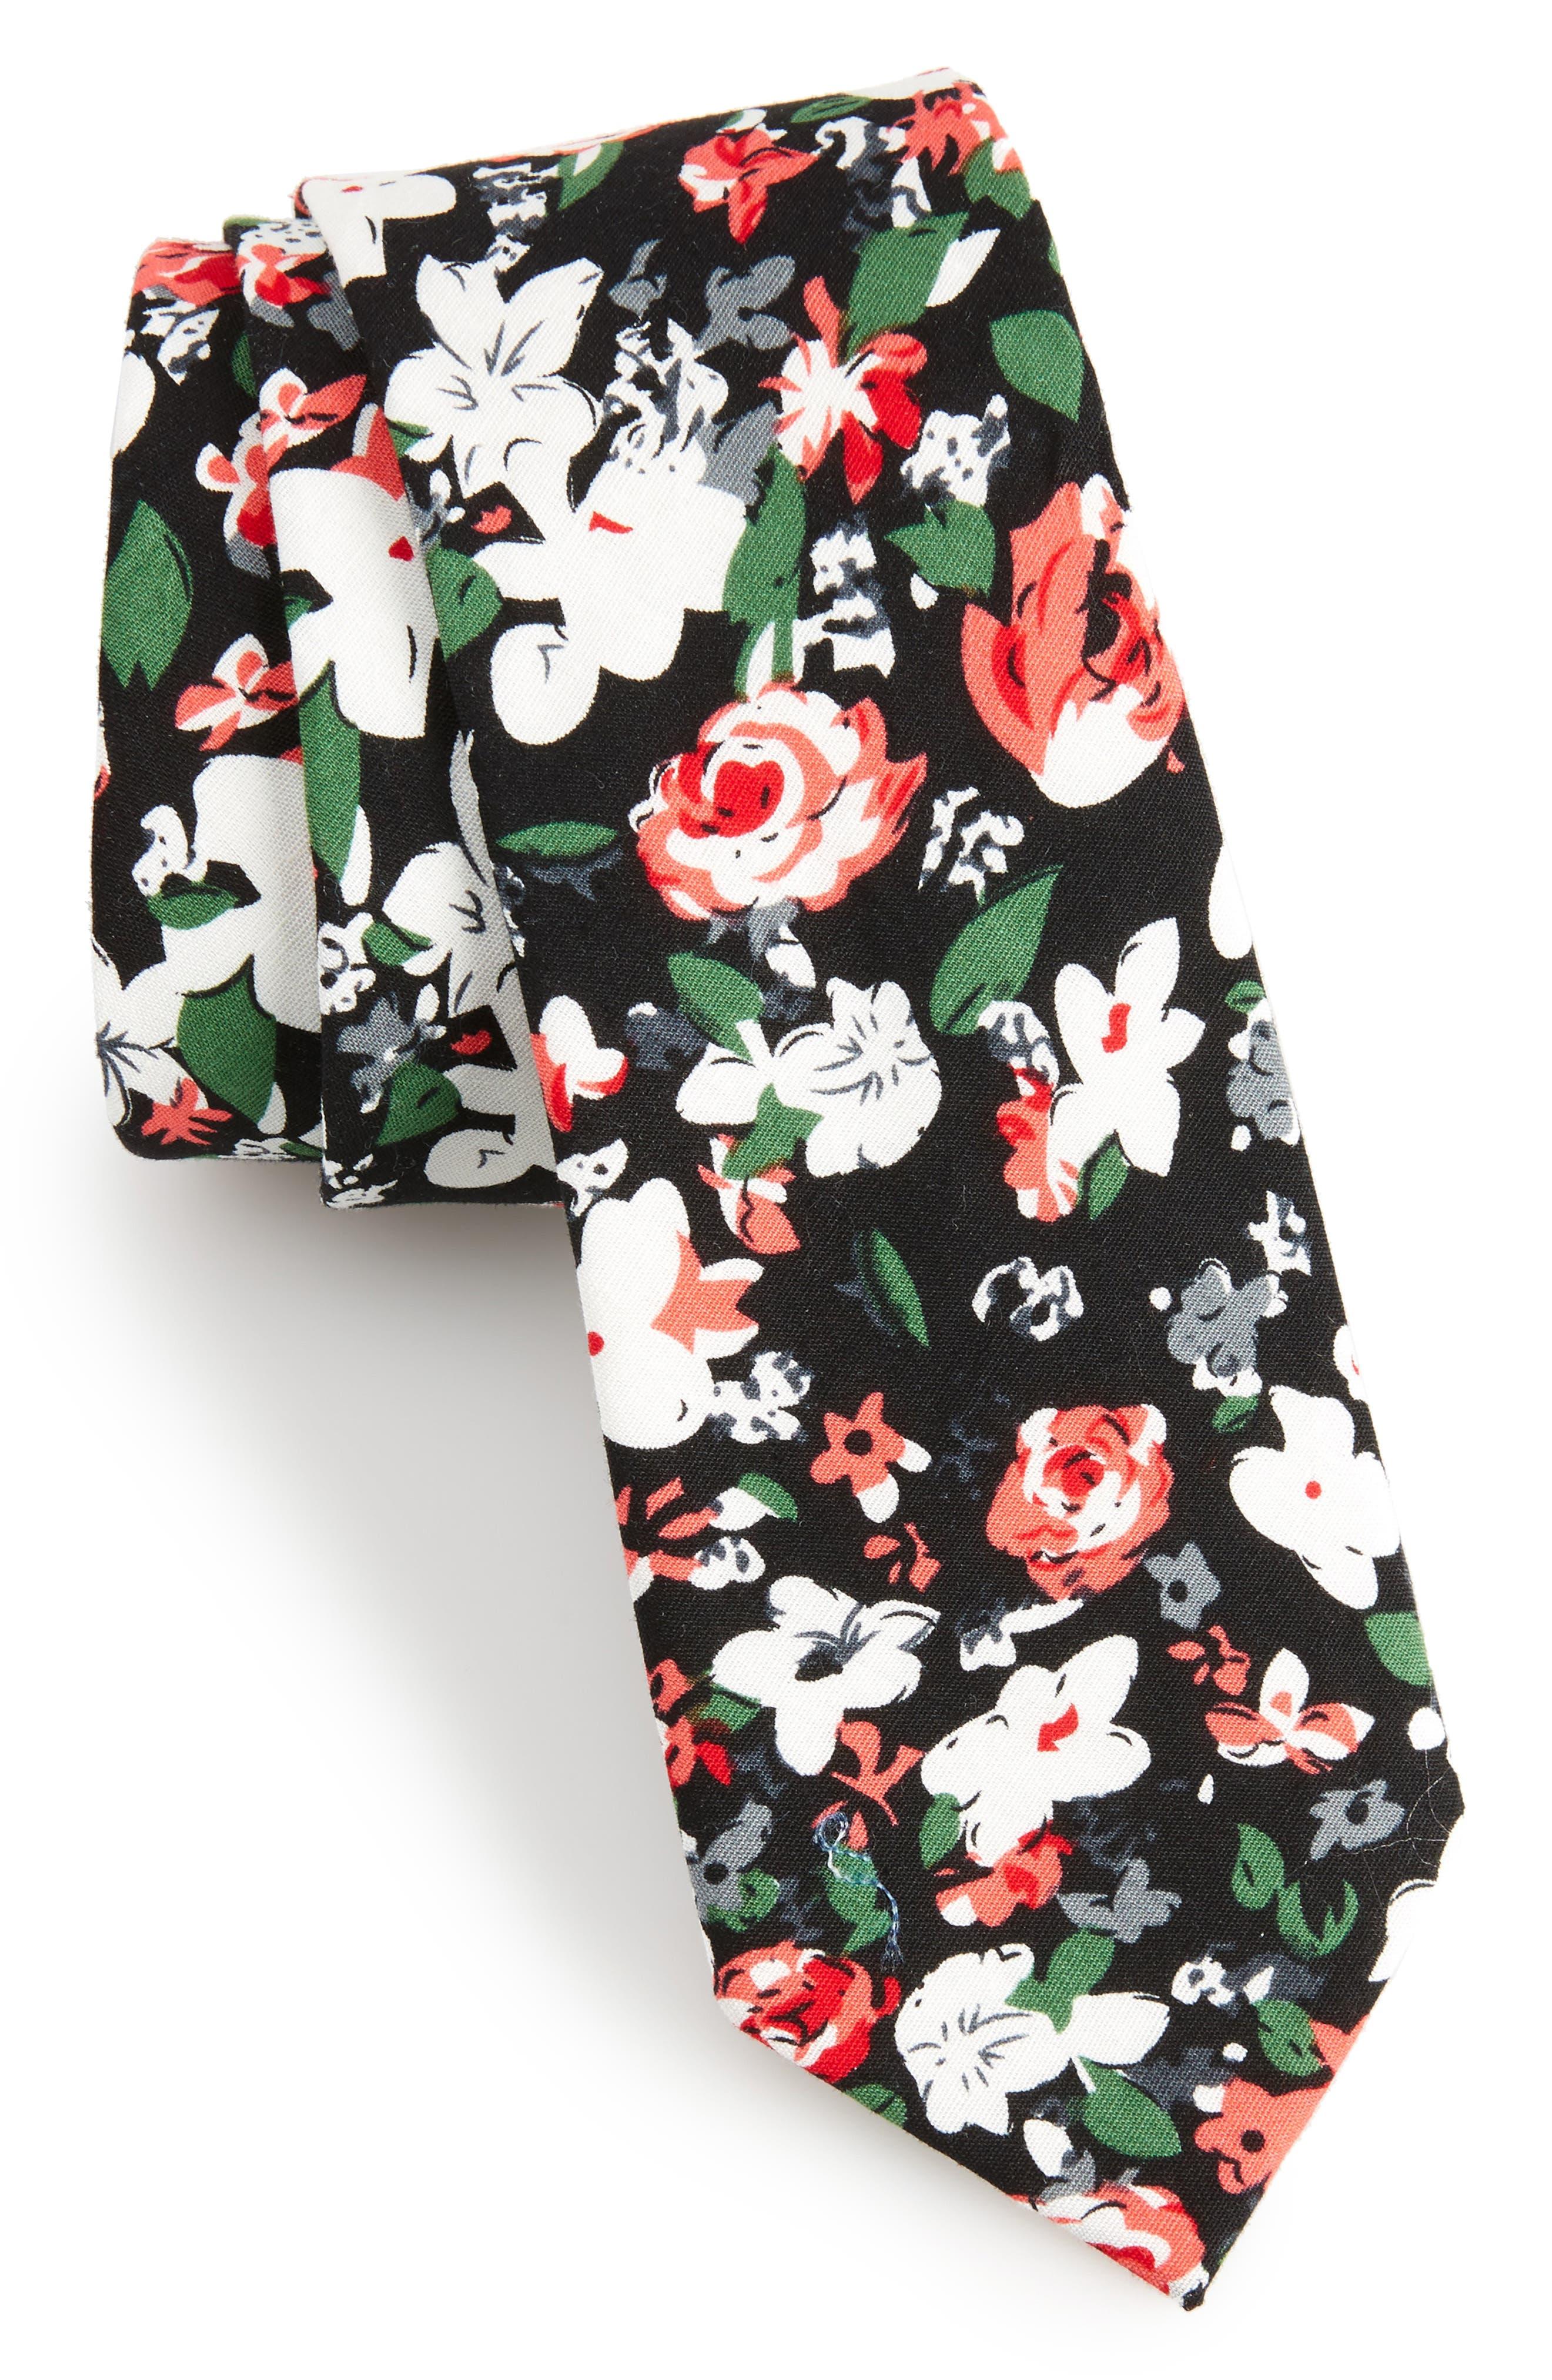 Oceana Floral Cotton Tie,                             Main thumbnail 1, color,                             Black